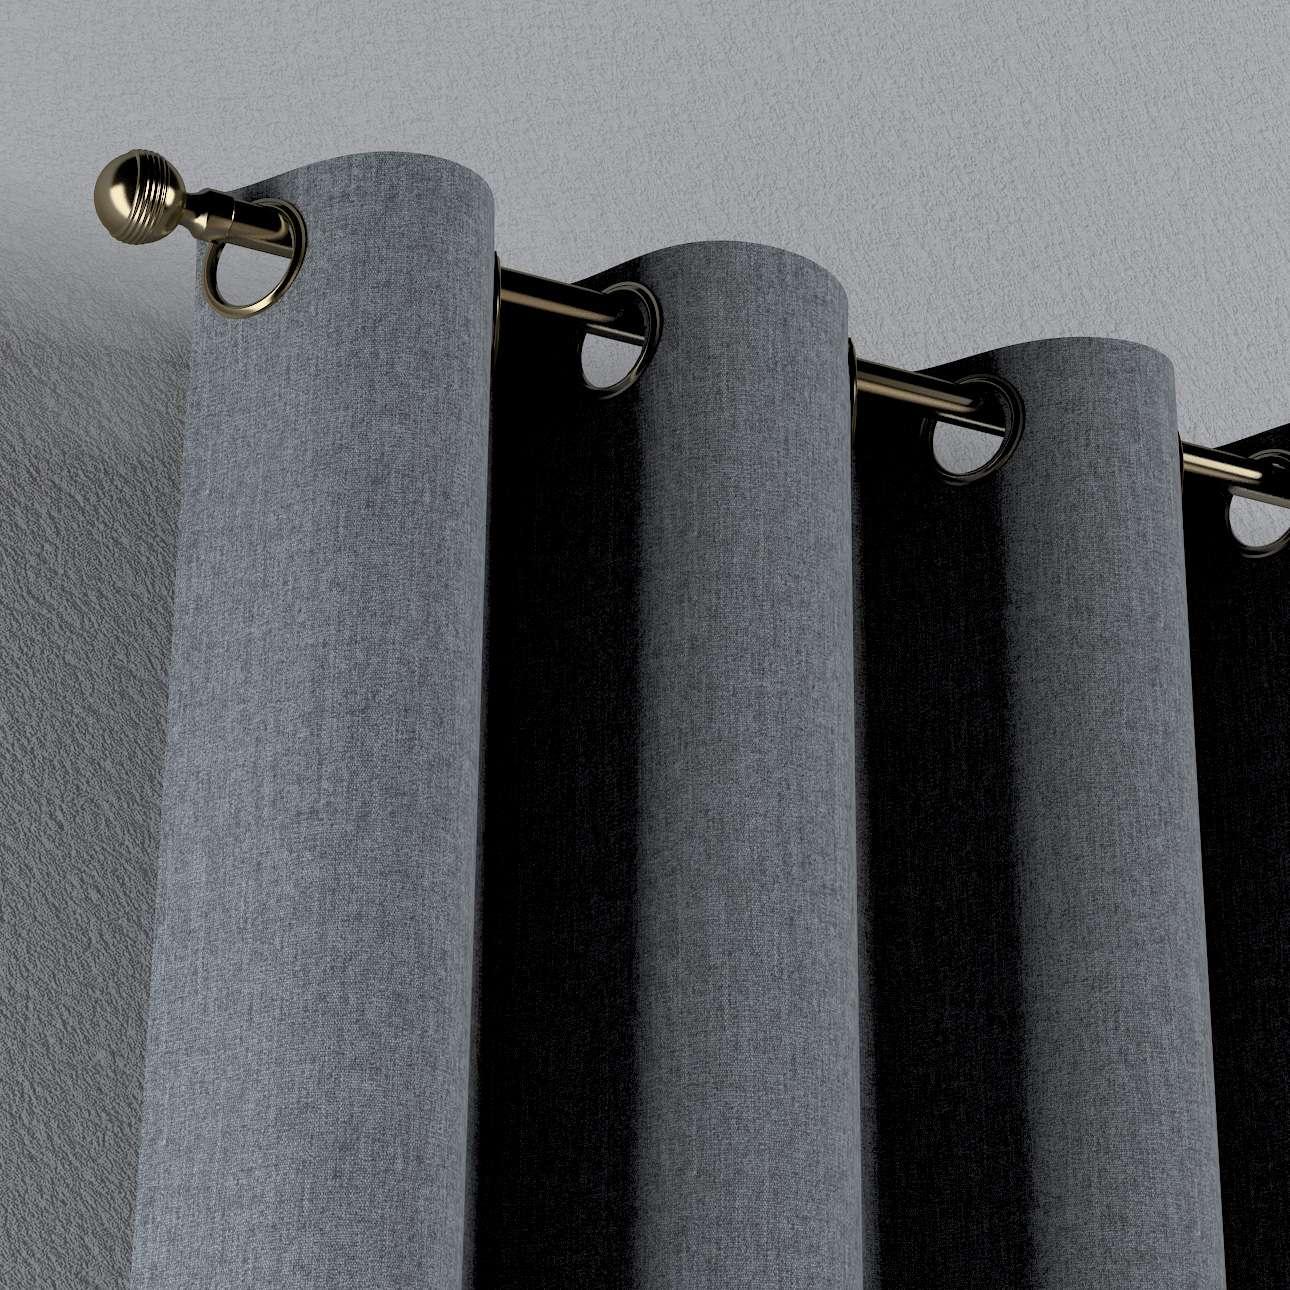 Zasłona na kółkach 1 szt. w kolekcji City, tkanina: 704-86